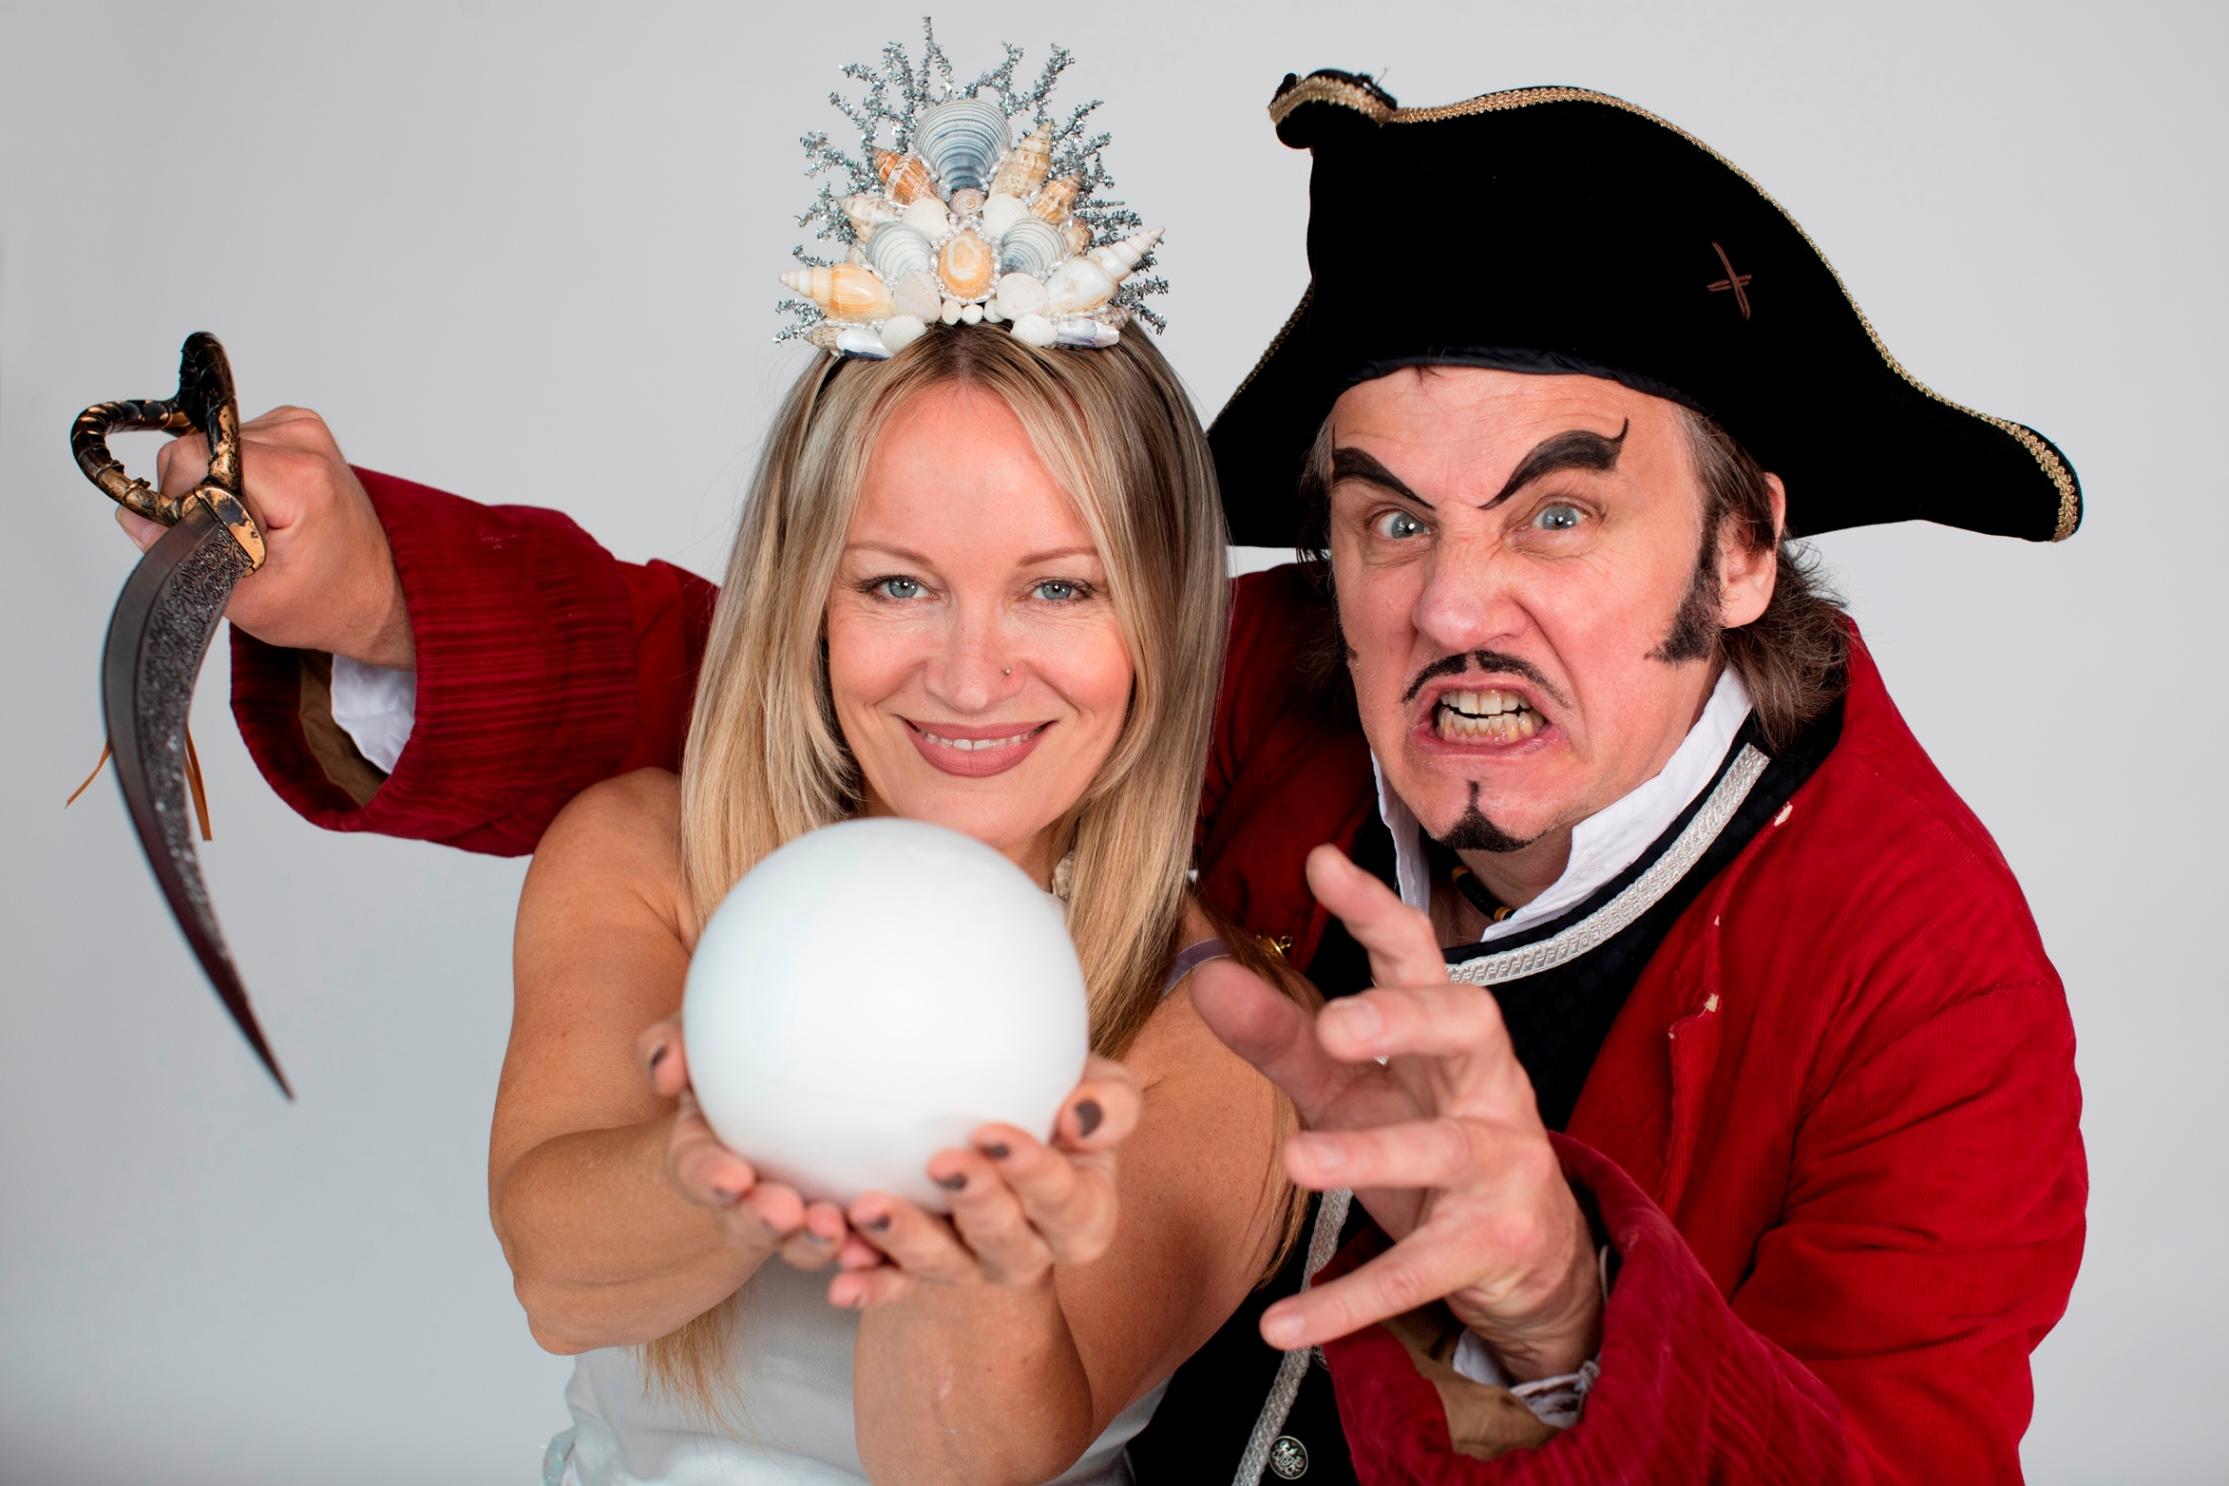 High Seas Fun in Gala's Pirate Panto